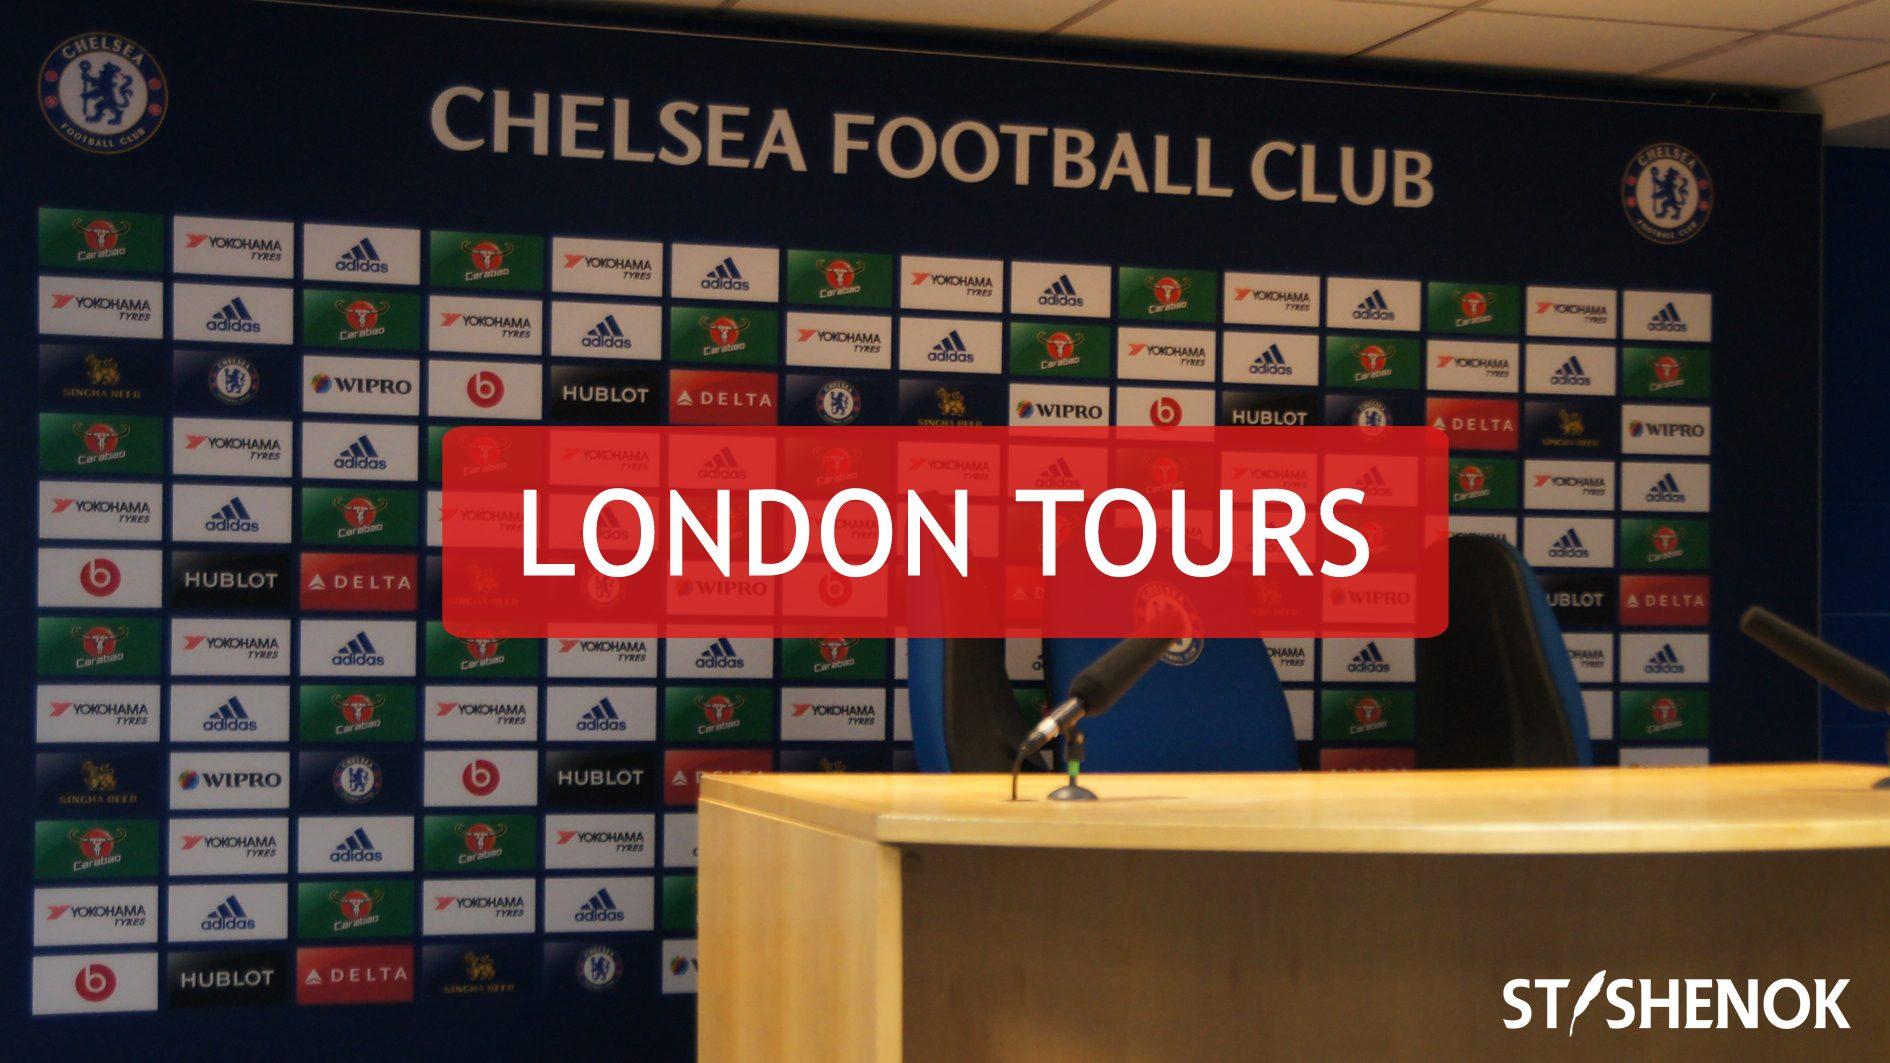 Семь дней в Англии. Часть 5. Лондон футбольный